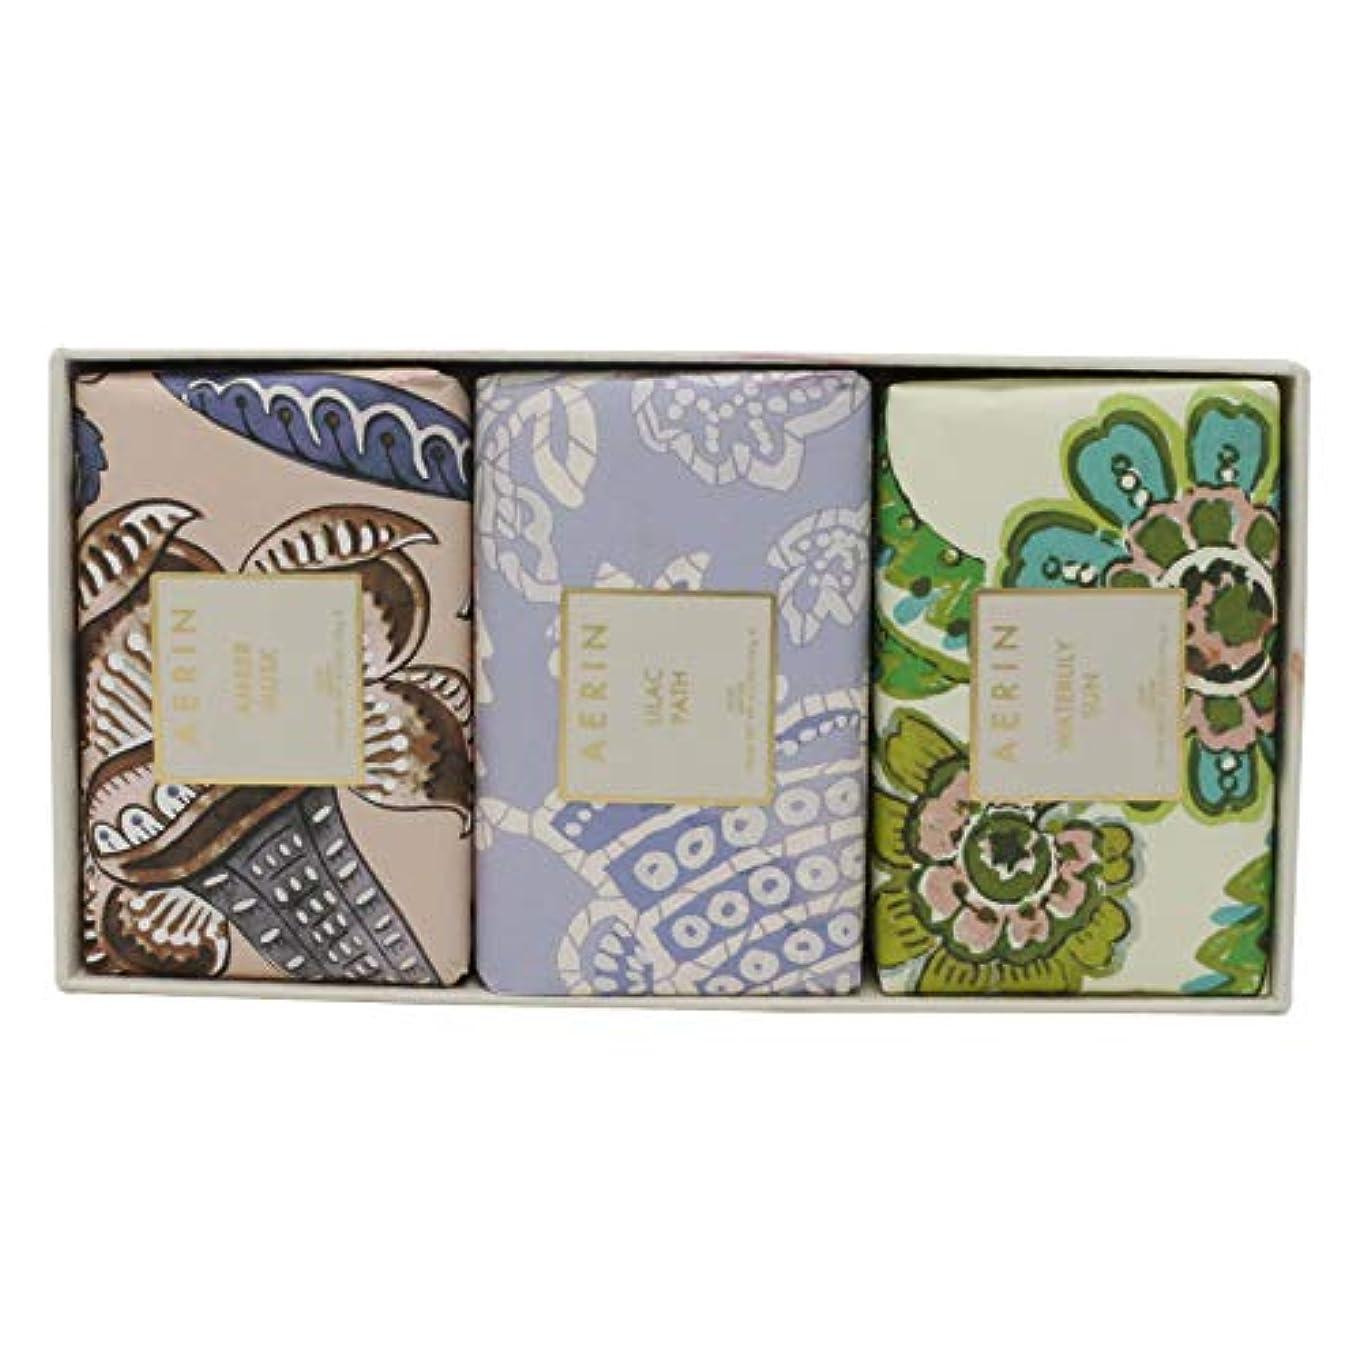 ペインティング可動潜在的なAERIN Beauty Soap Coffret(アエリン ビューティー ソープ コフレット ) 6.2 oz (186ml) Soap 固形石鹸 x 3個セットby Estee Lauder